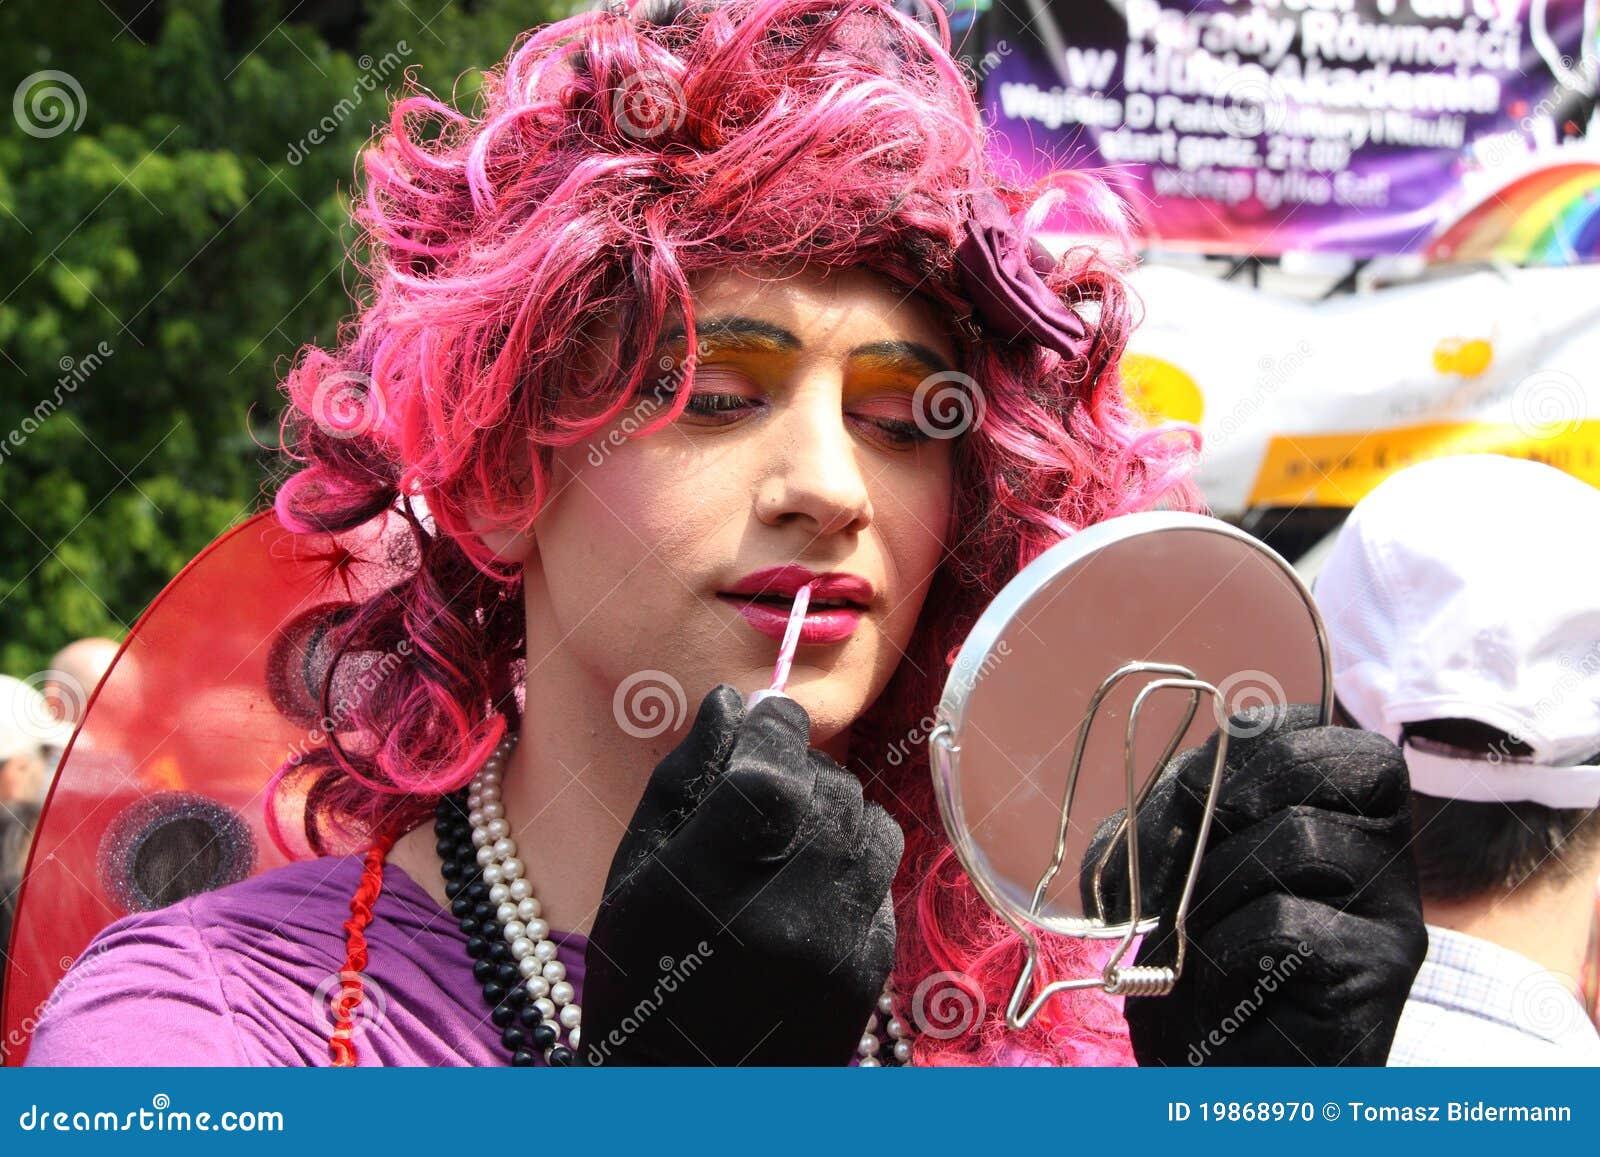 Рассказы о трансгендорах фото 553-945